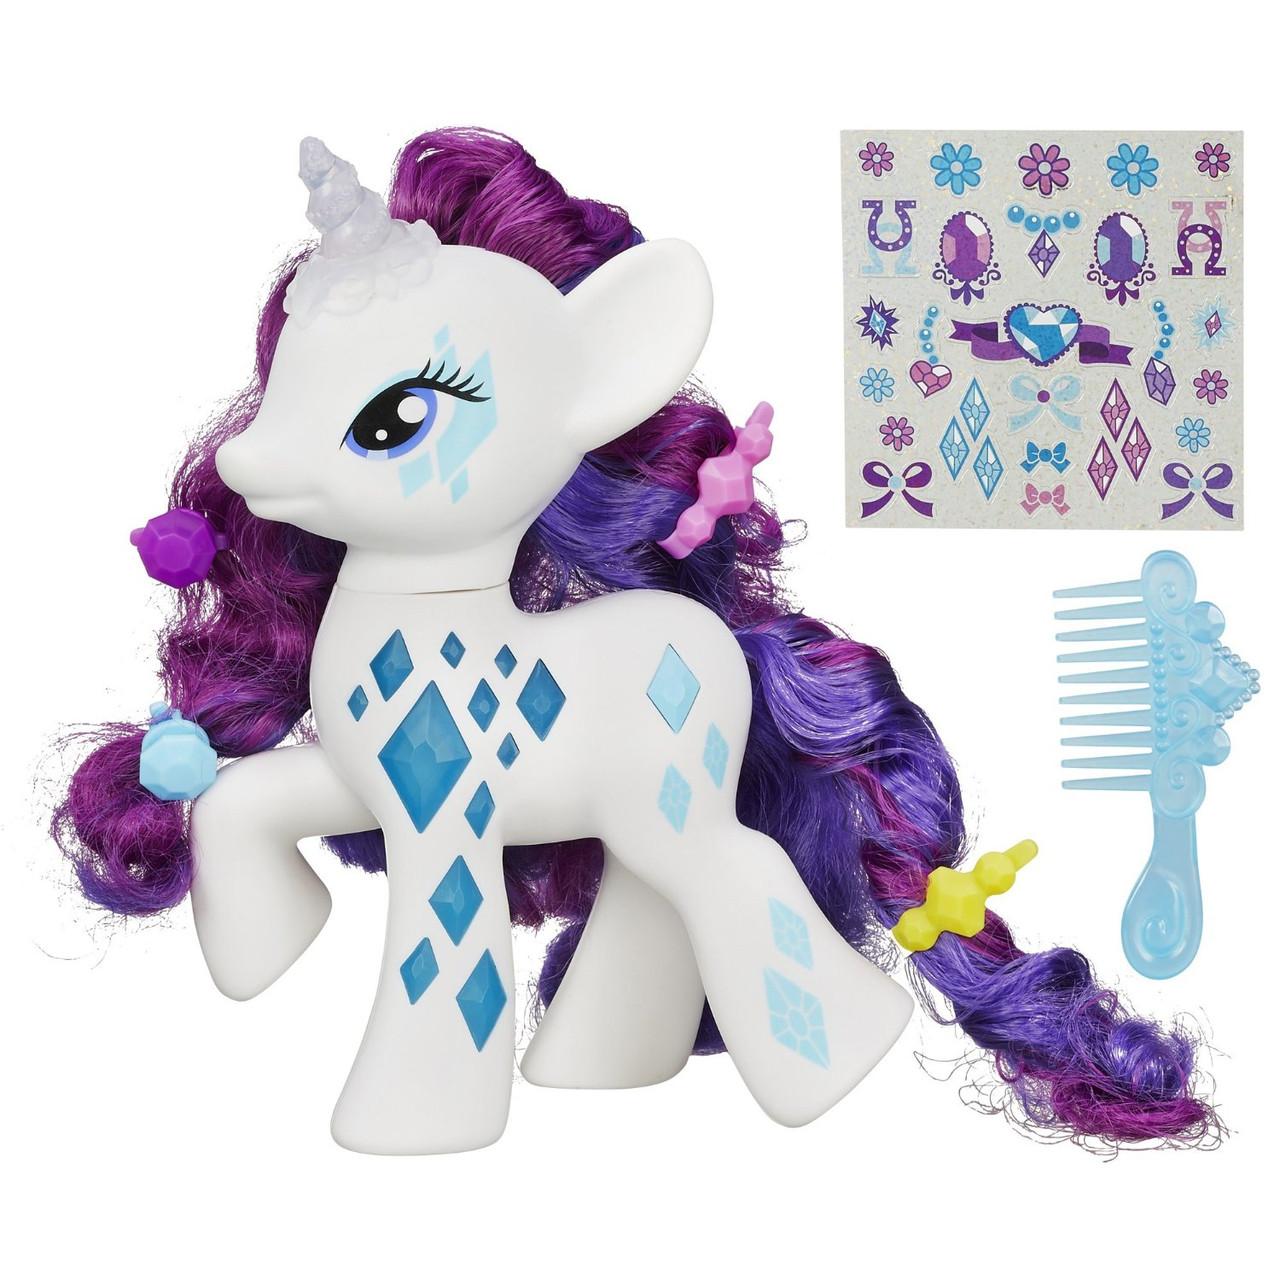 Пони Рарити-Модница набор игрушечный Май литл пони с аксессуарами My Little Pony